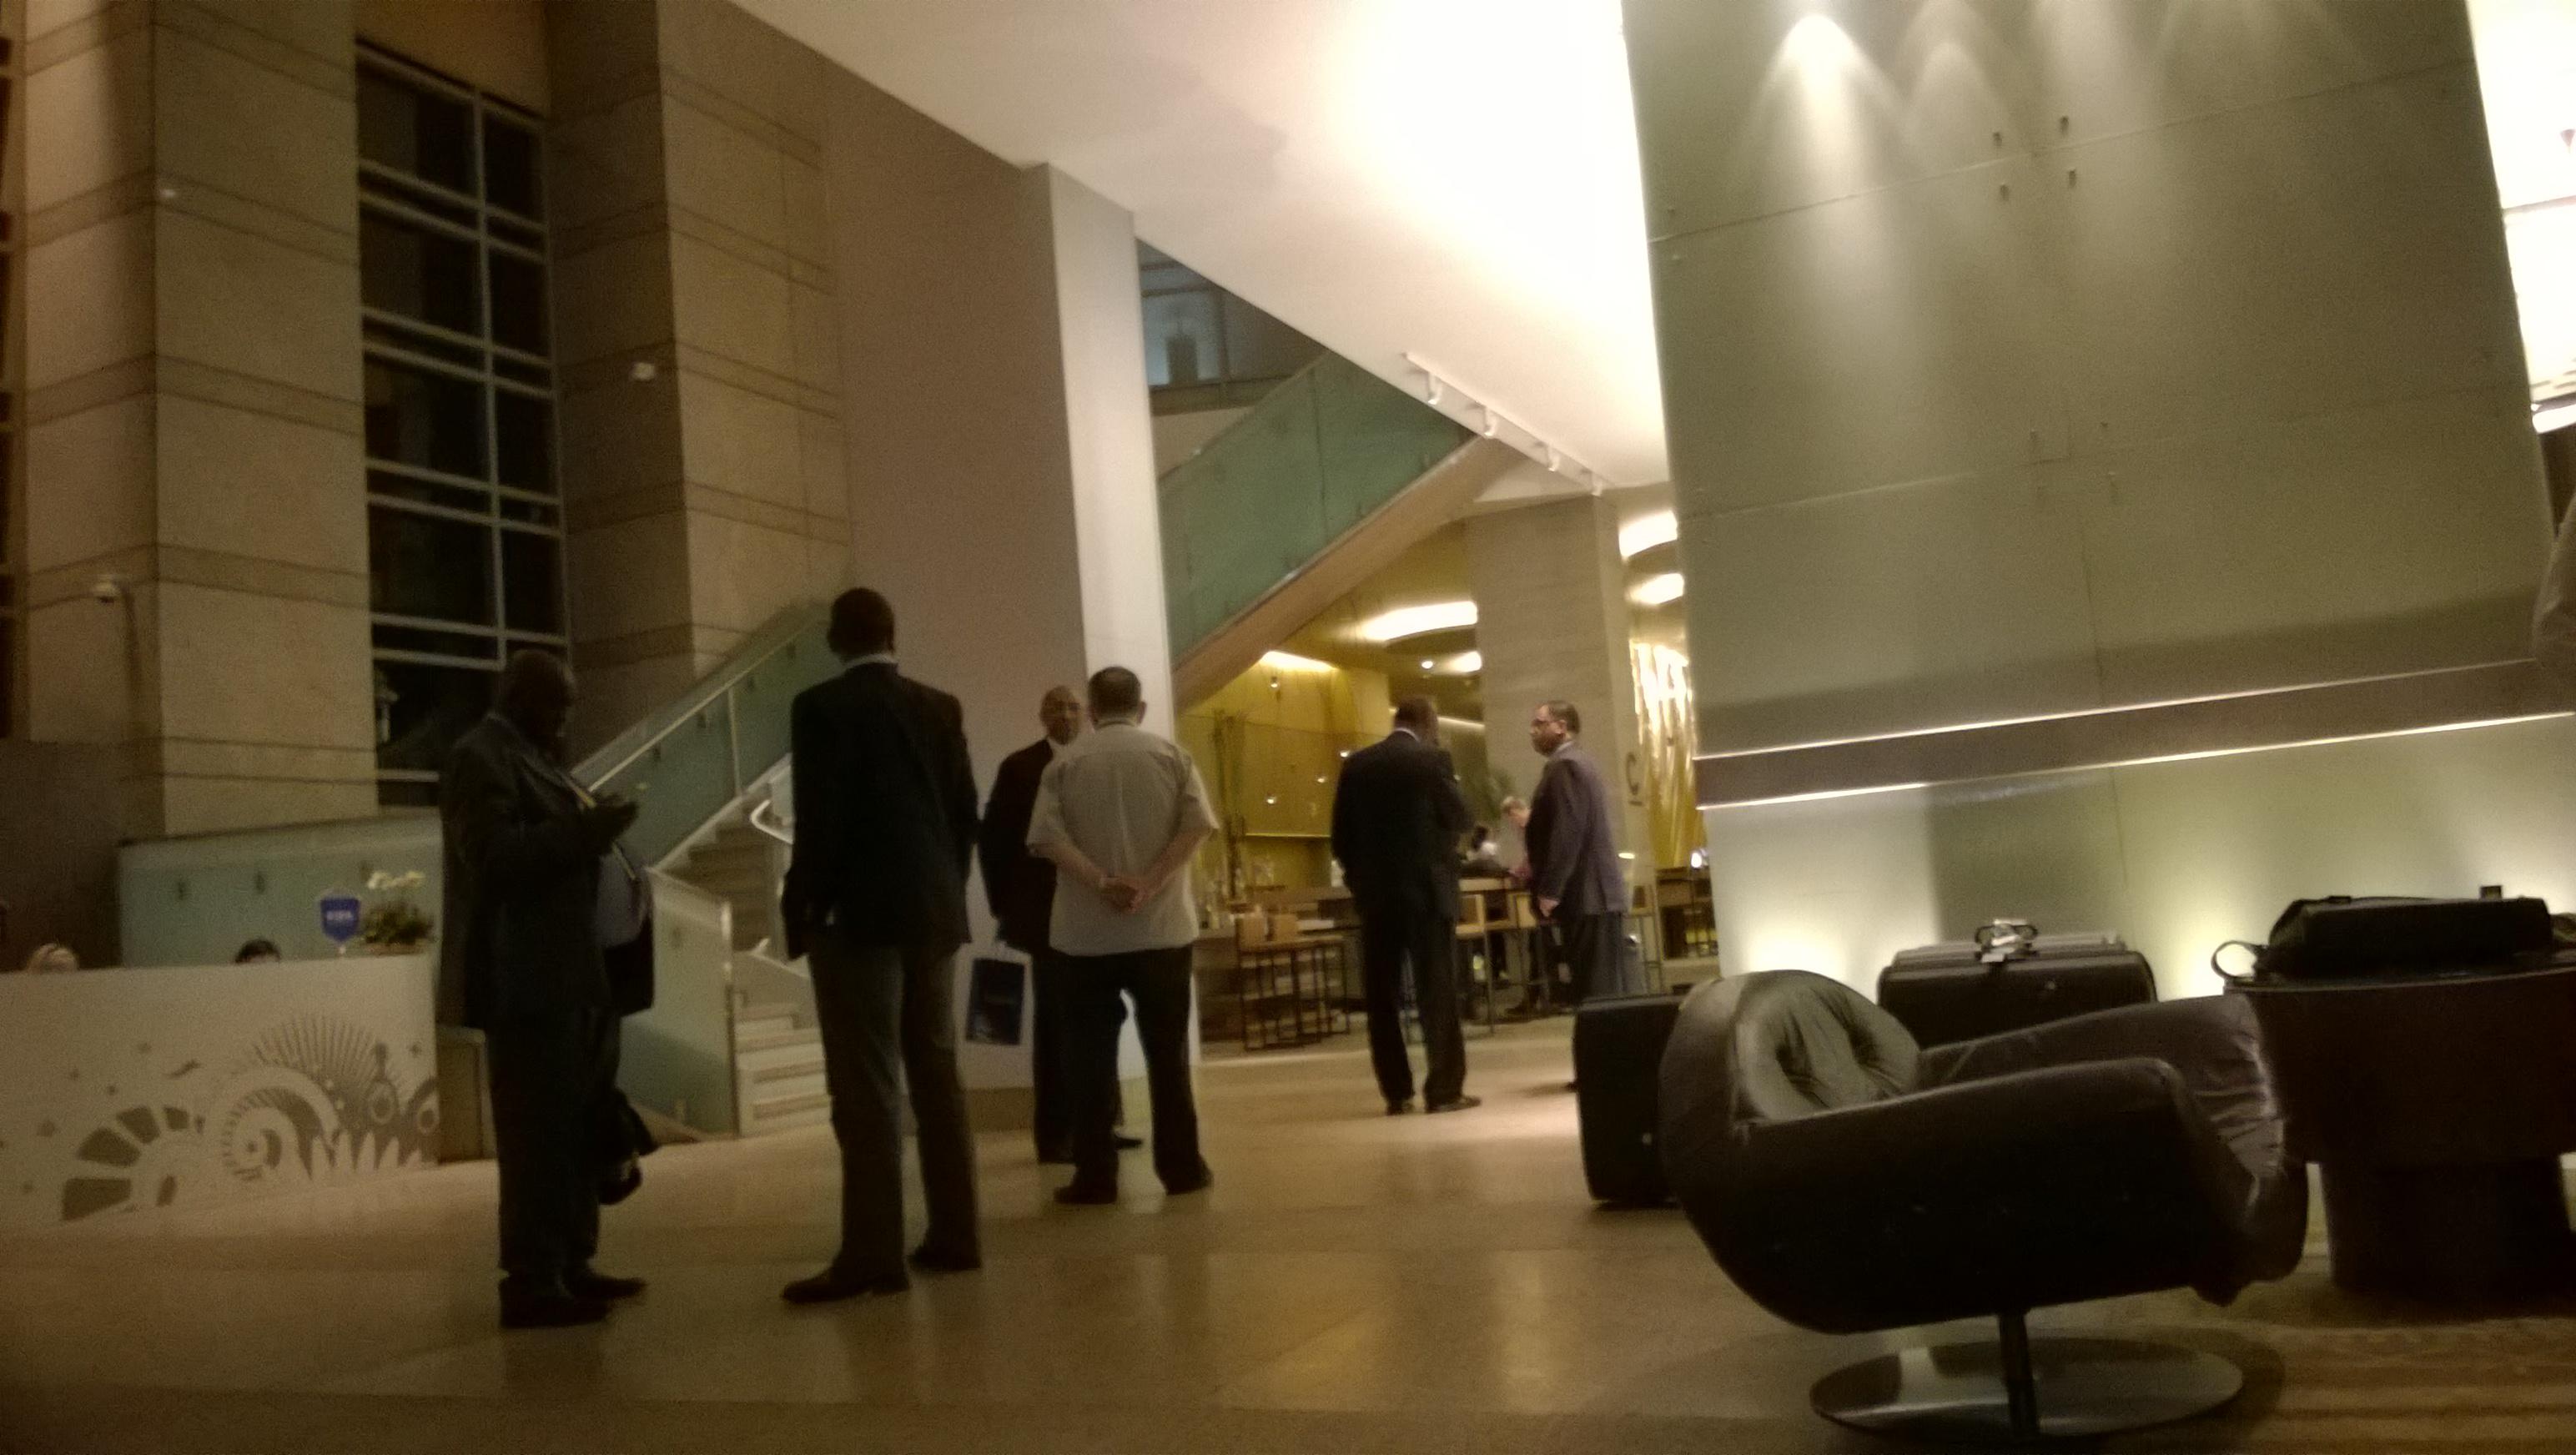 Händeschütteln, Schulterklopfen, Smalltalk in der Hyatt-Lobby (Bild: T. Zwior)